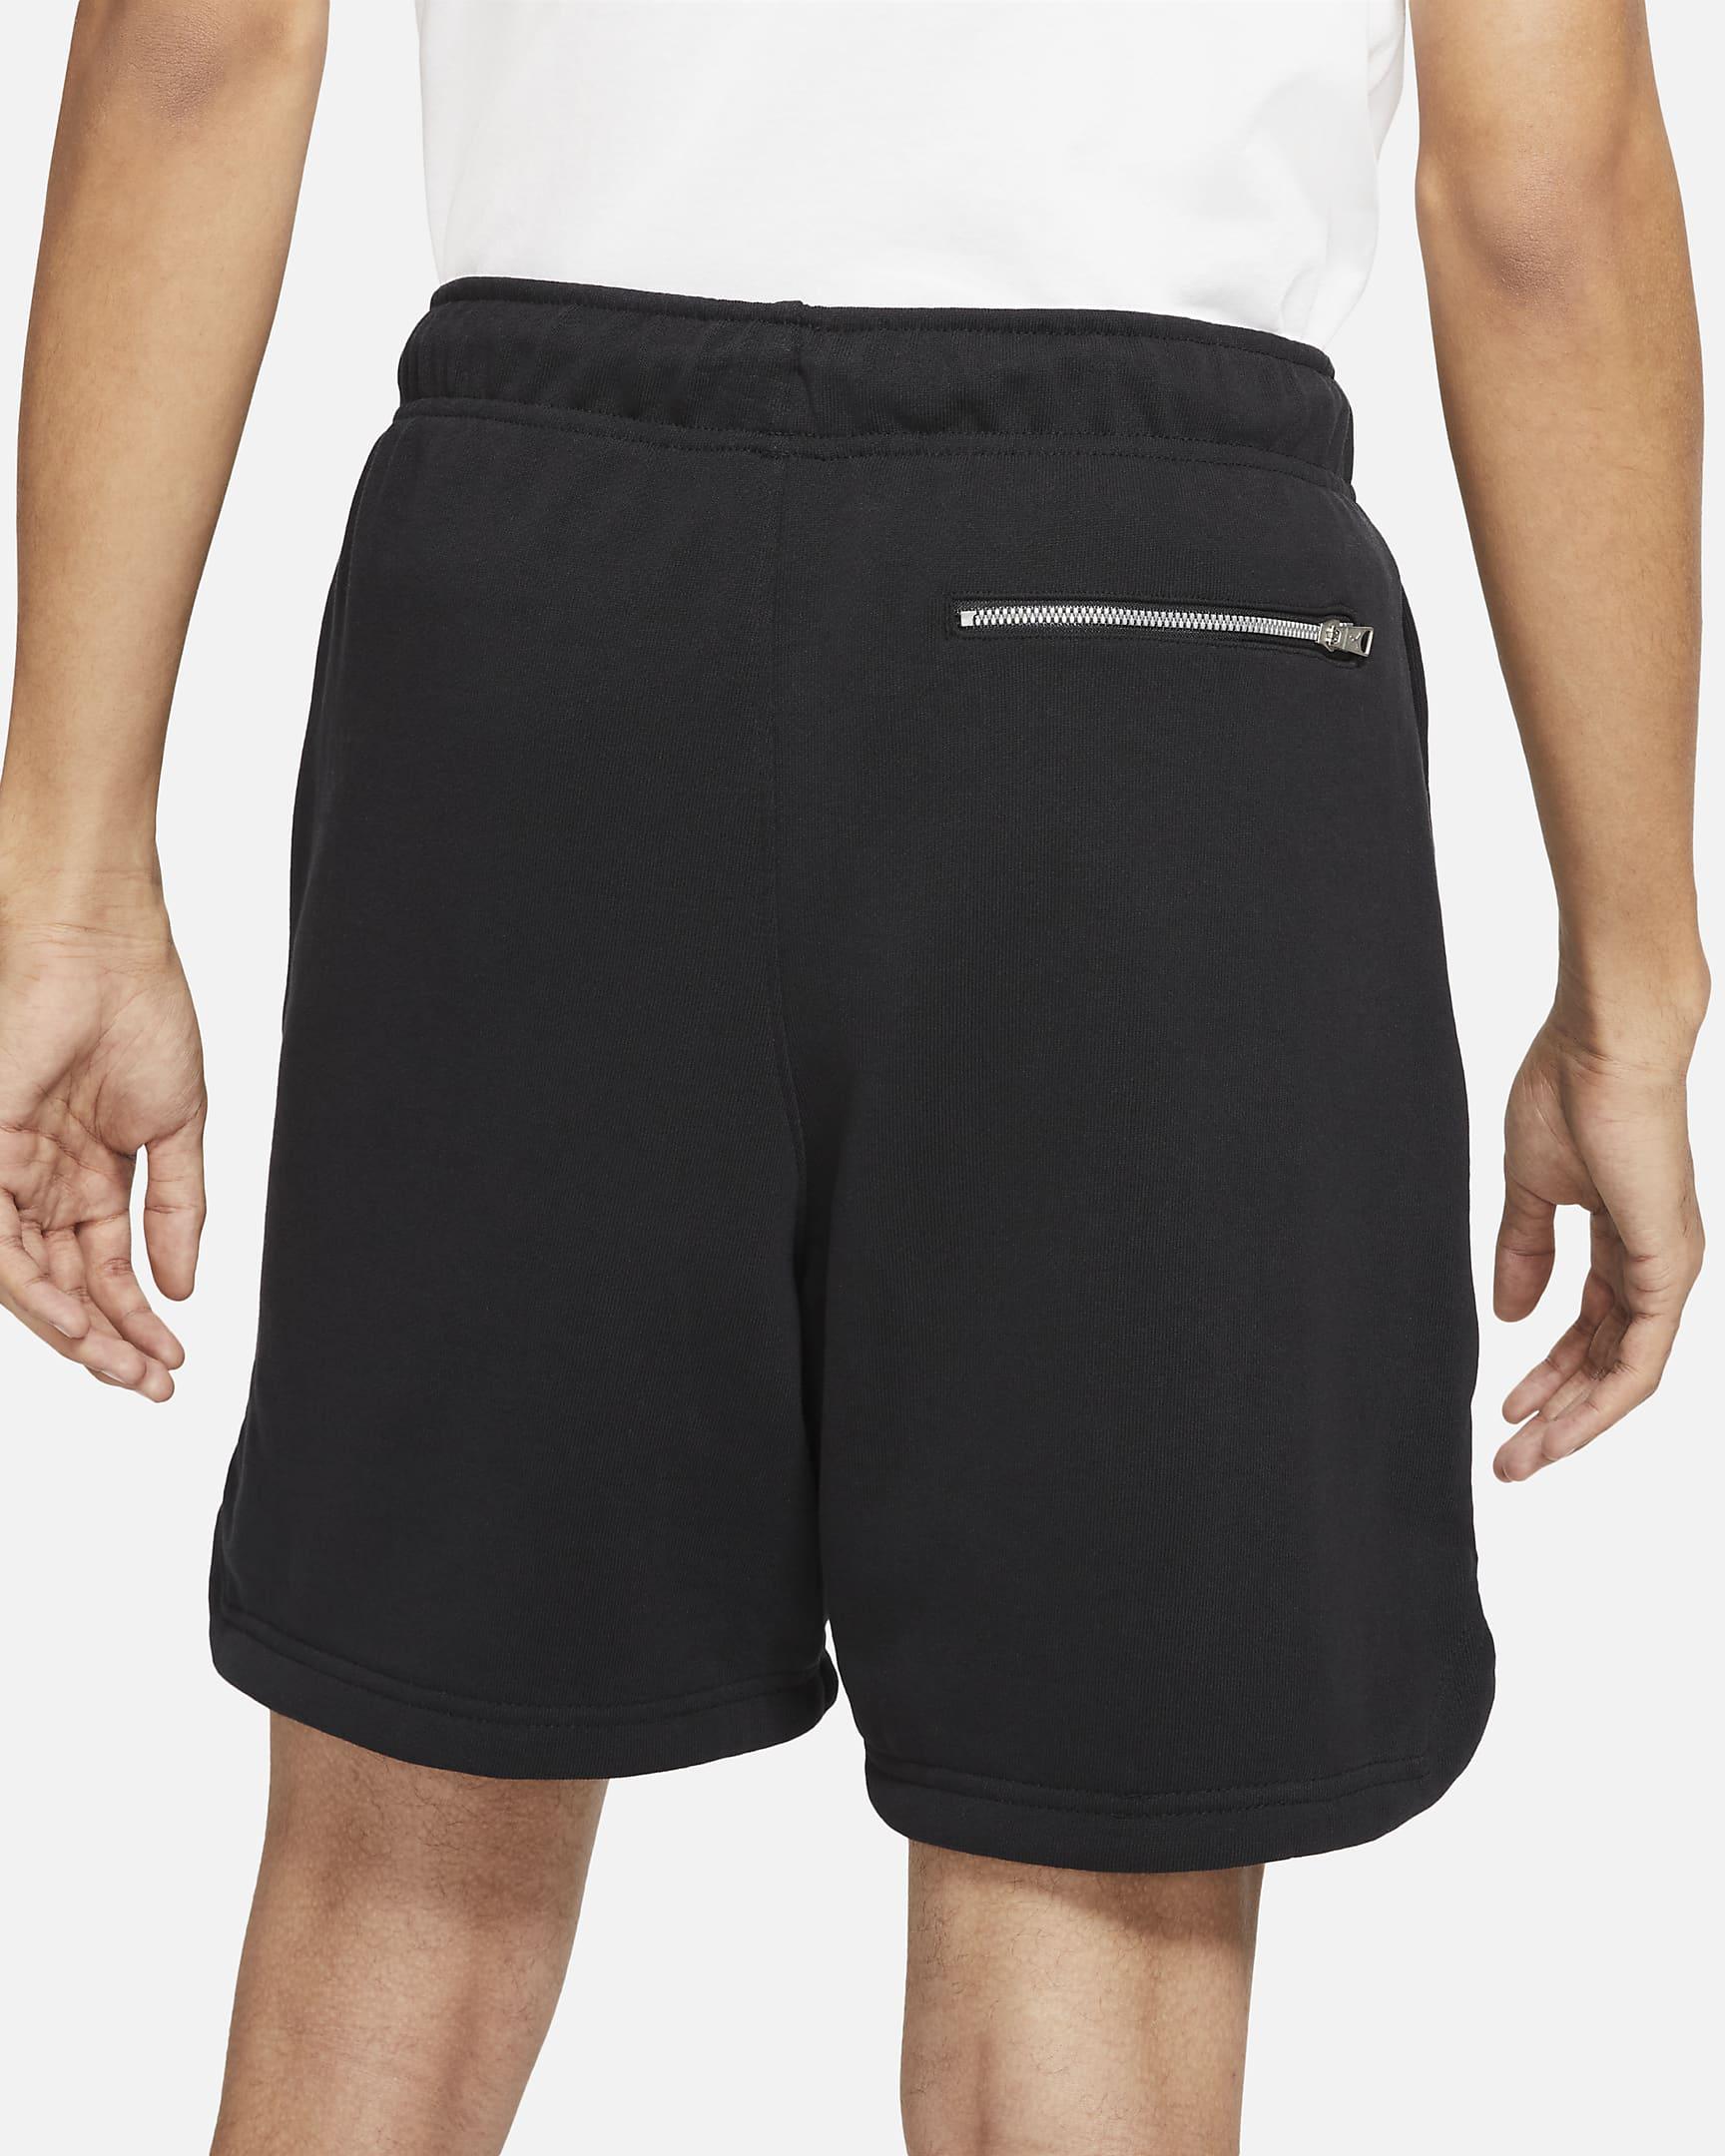 jordan-essentials-mens-fleece-shorts-4n8vC1-1.png